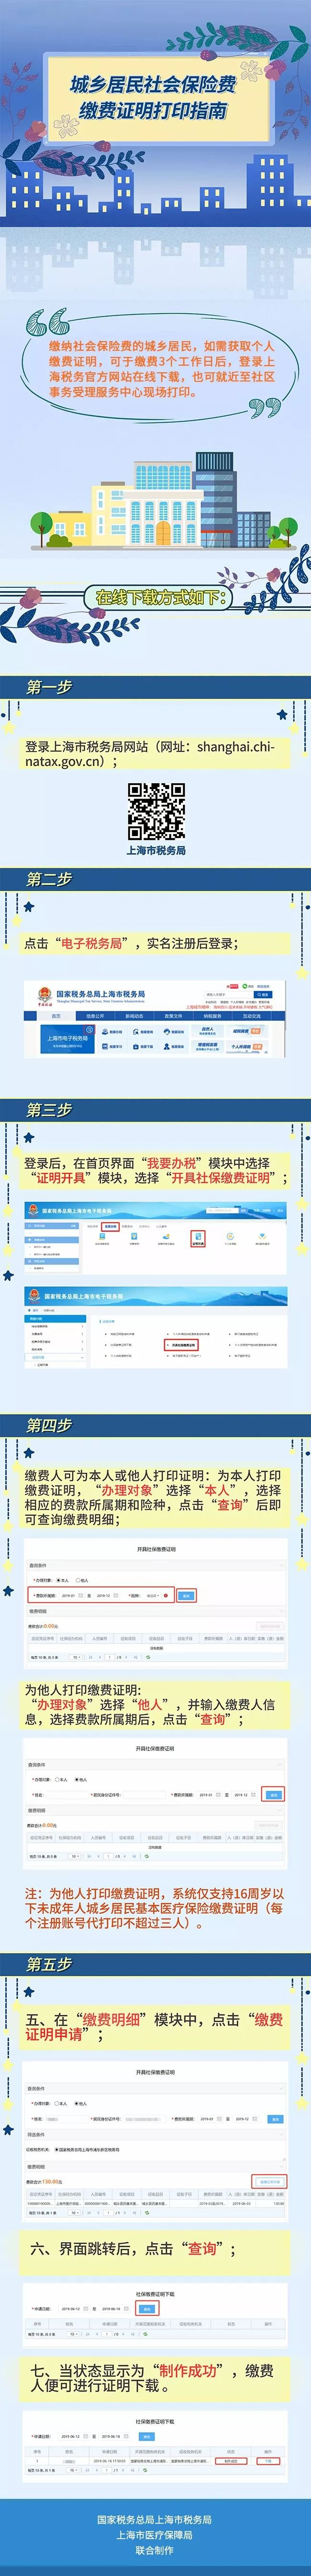 新葡新京城乡居民医保缴费证明如何打印?